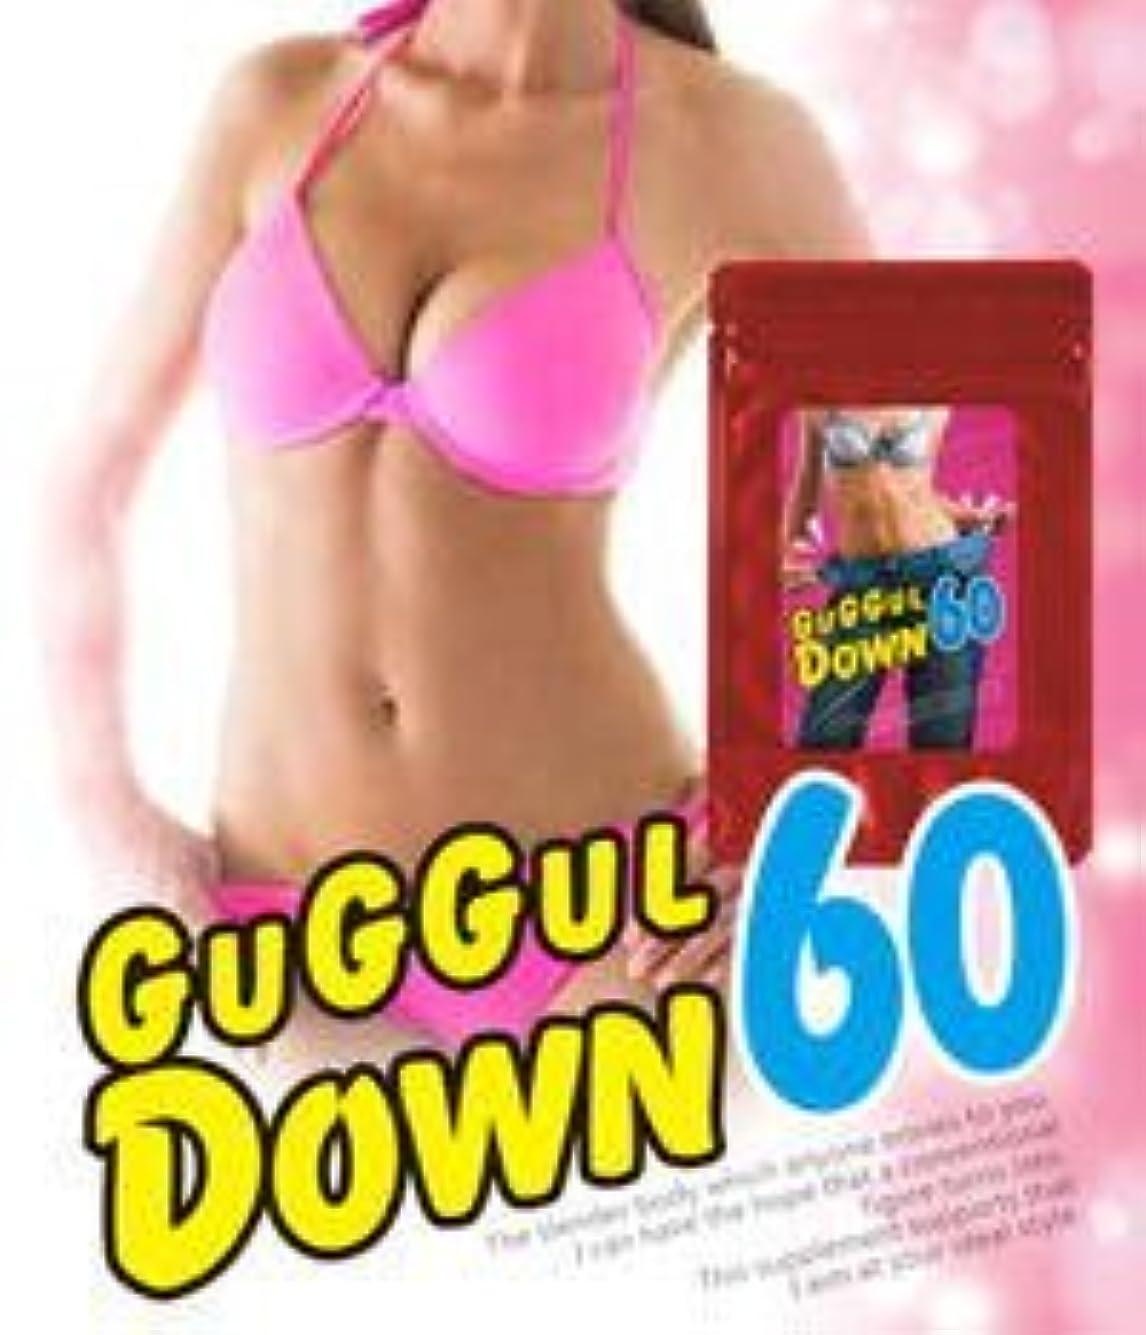 胚カーペットスパイラル★GUGGULDOWN60(ググルダウン60)  痩せたくて仕方がないと集まったモニター全員が1ヵ月絶たずつぎつぎと飲用を中断!